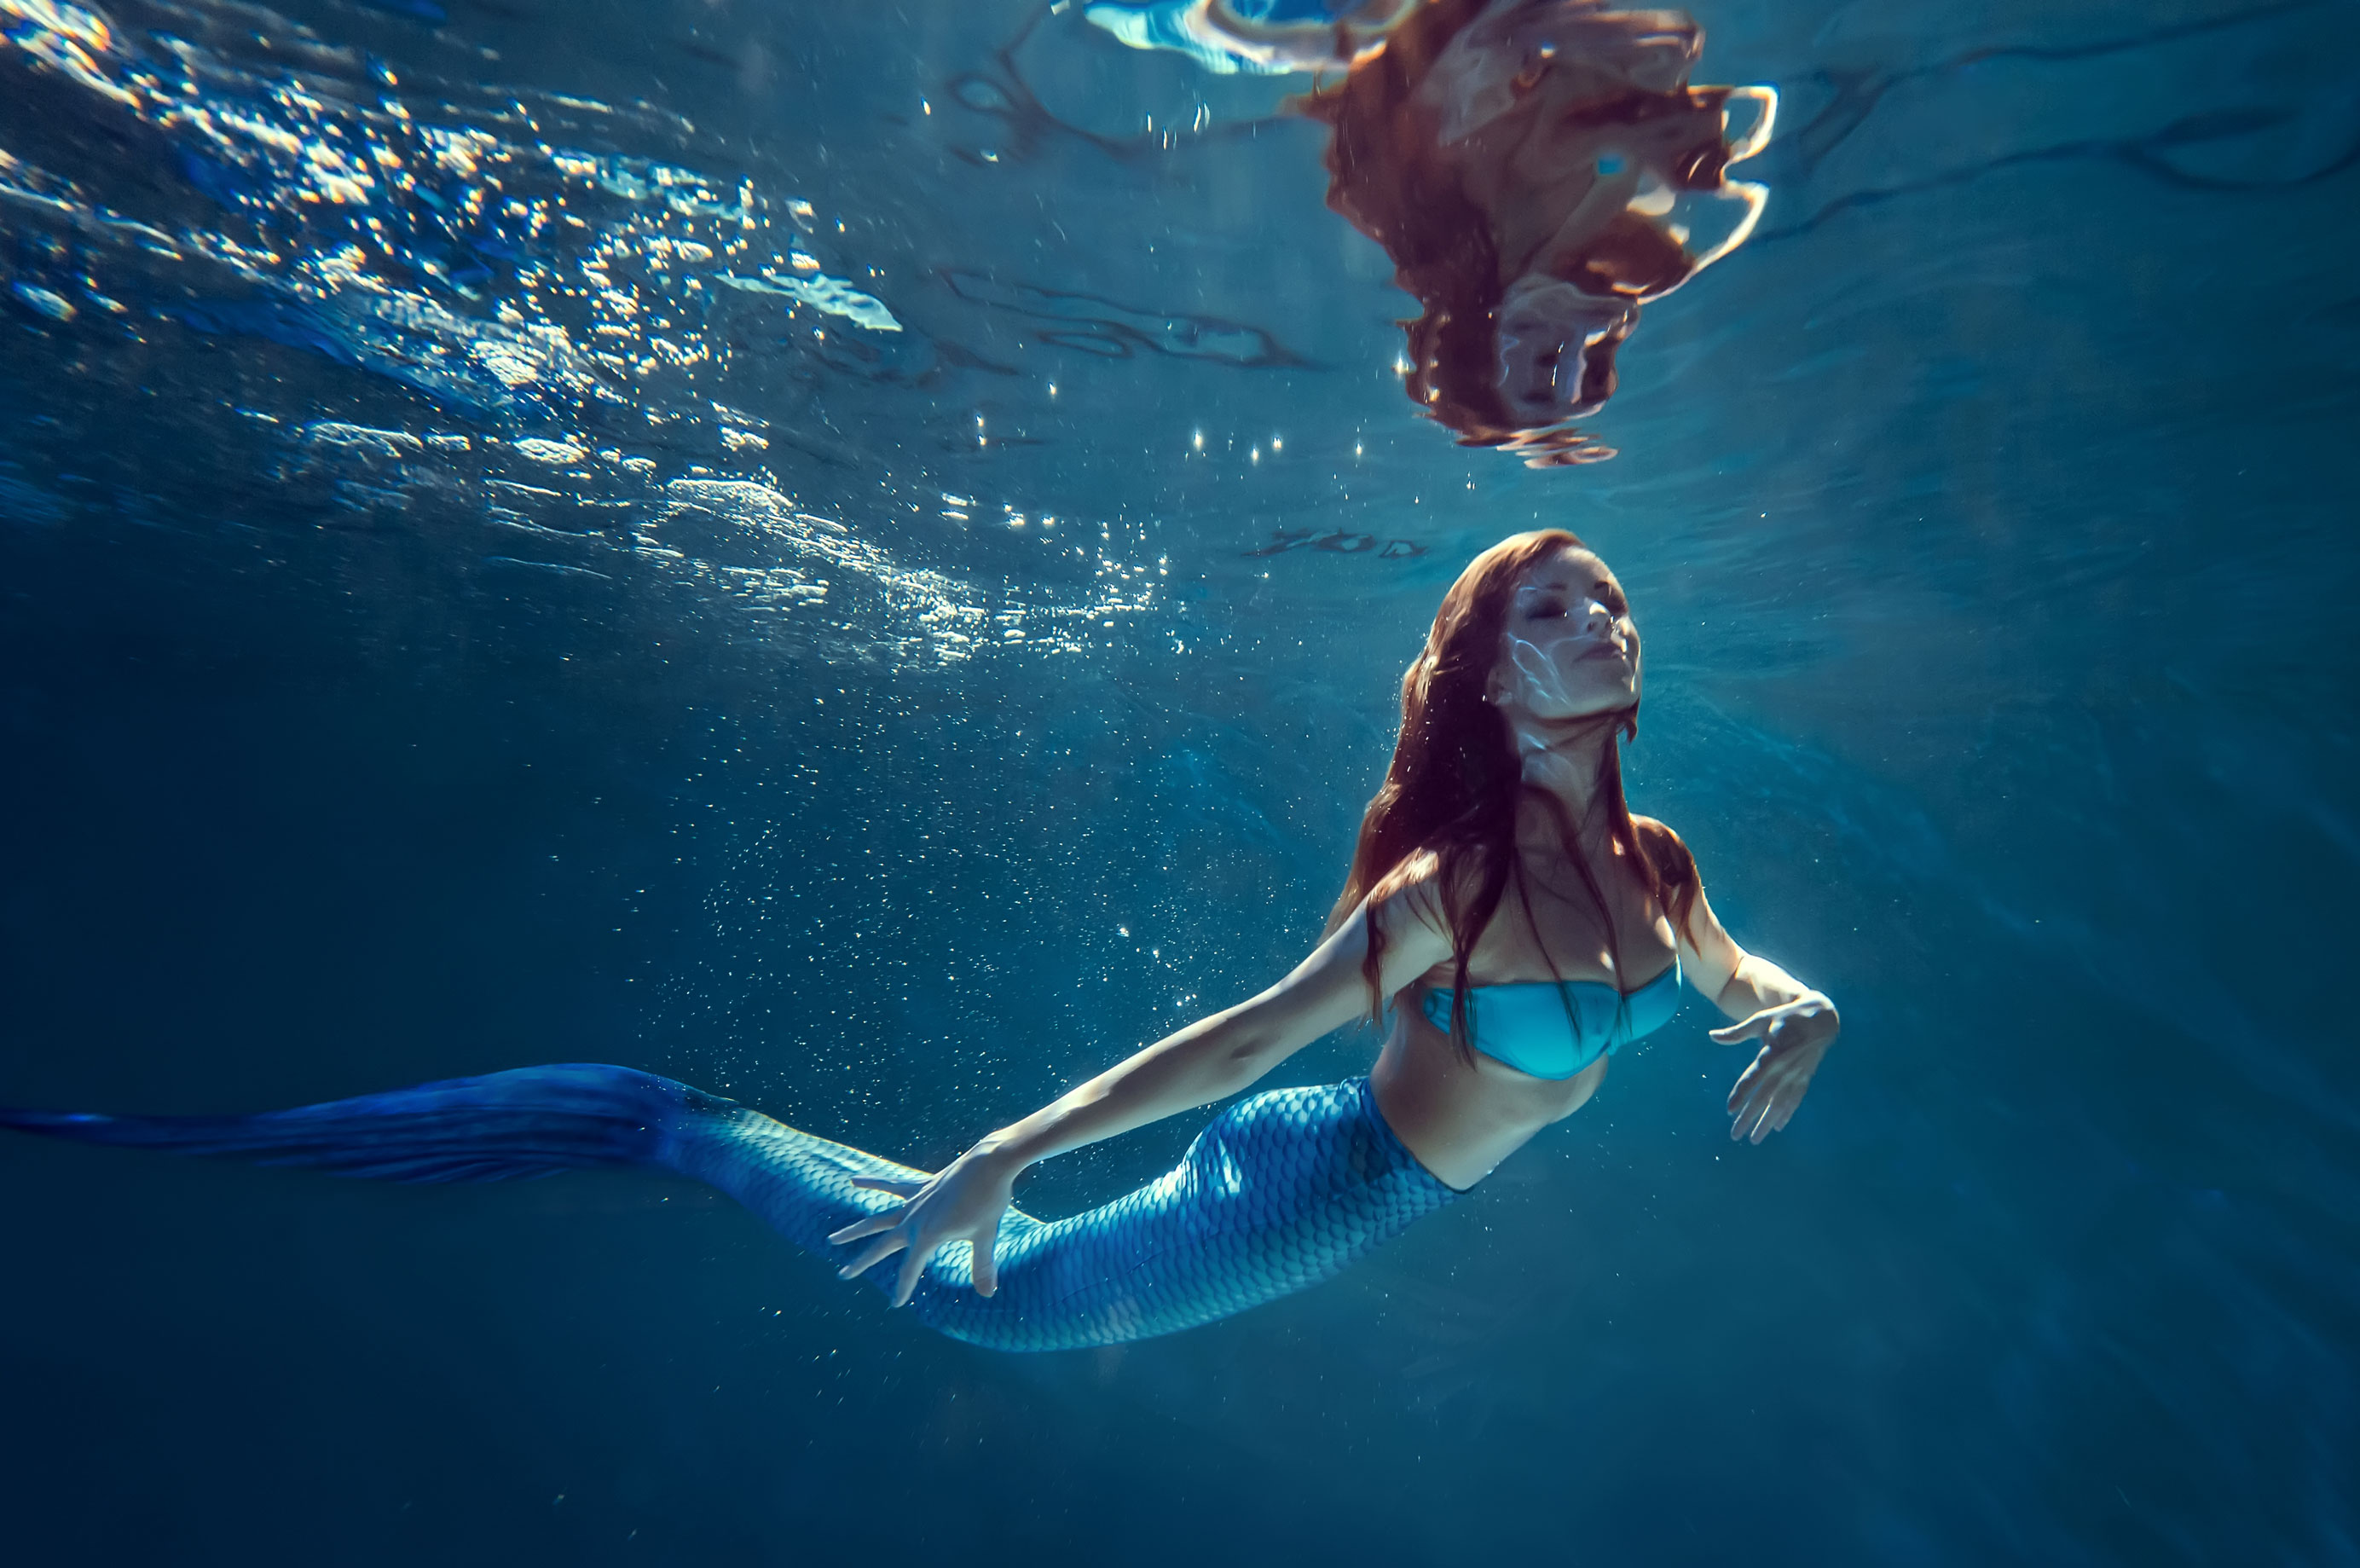 Jetzt können wir endlich eine Meerjungfrau sein!